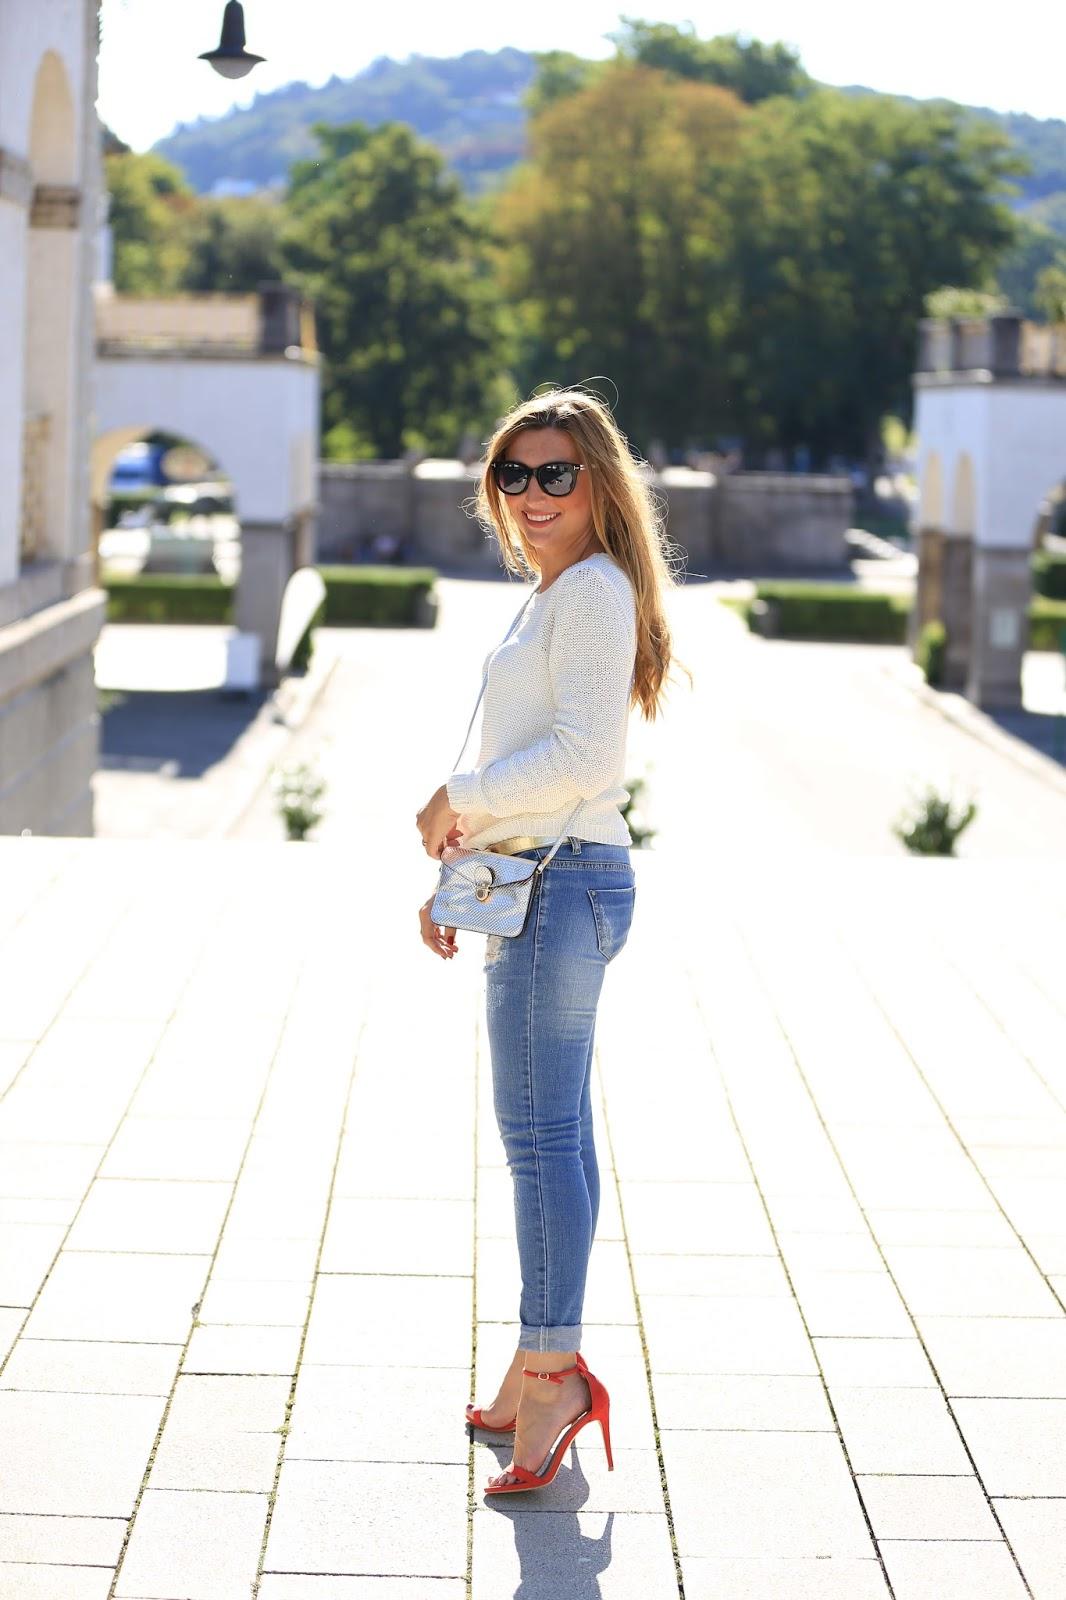 Fashion+Blogger+München+Deutschland+Fashionstylebyjohanna